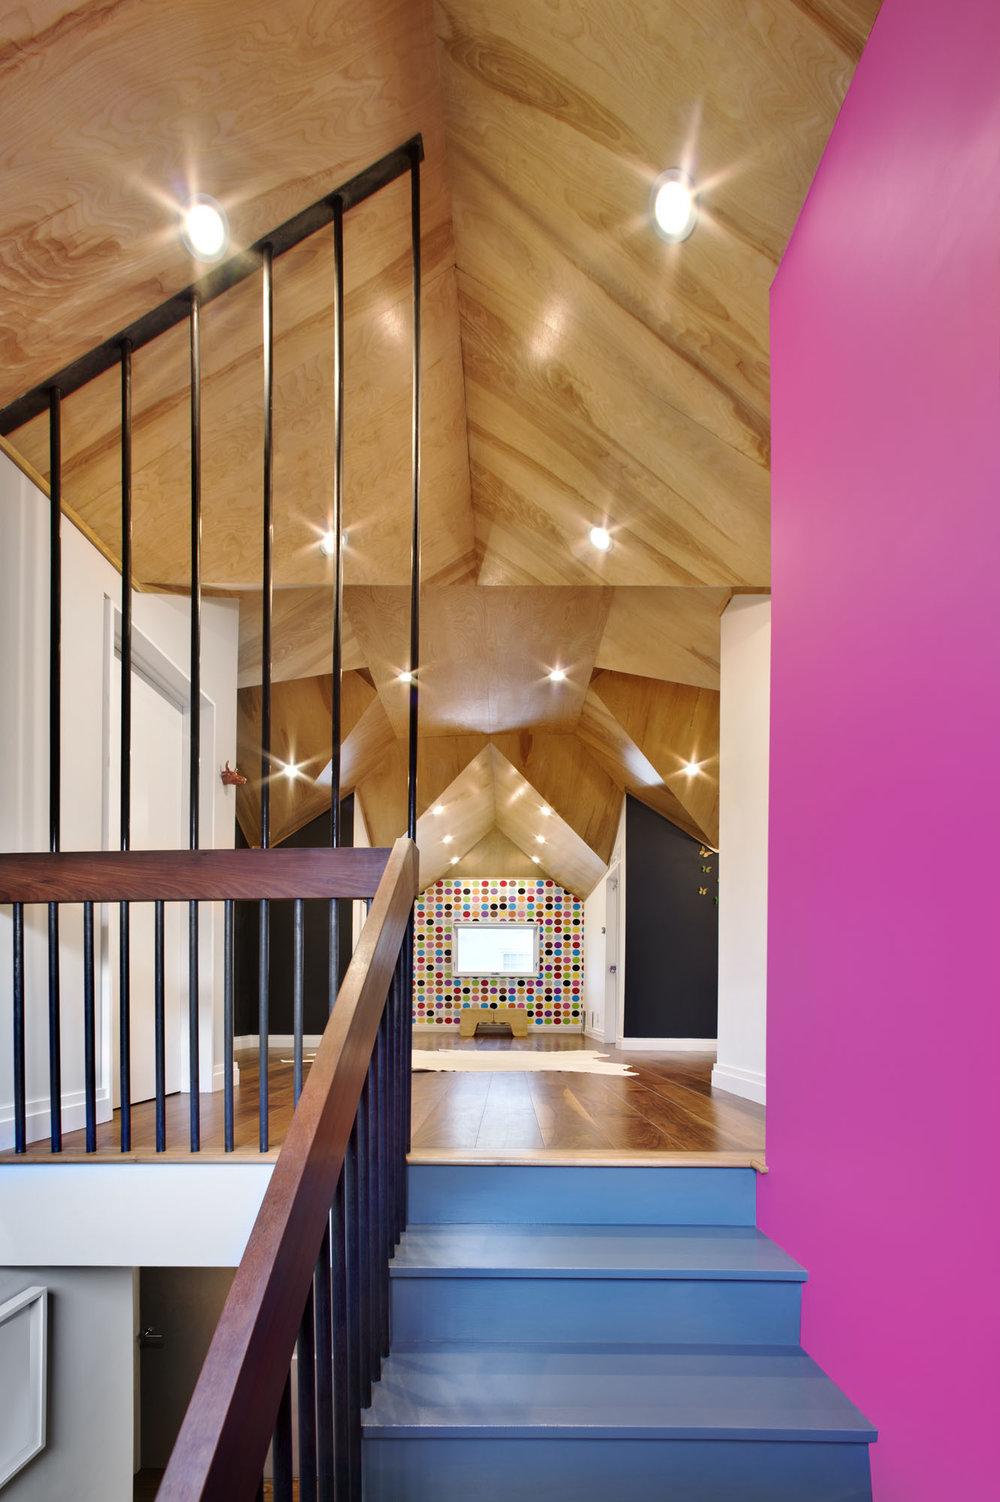 HOUSE 153 - RODRIGUEz Studio